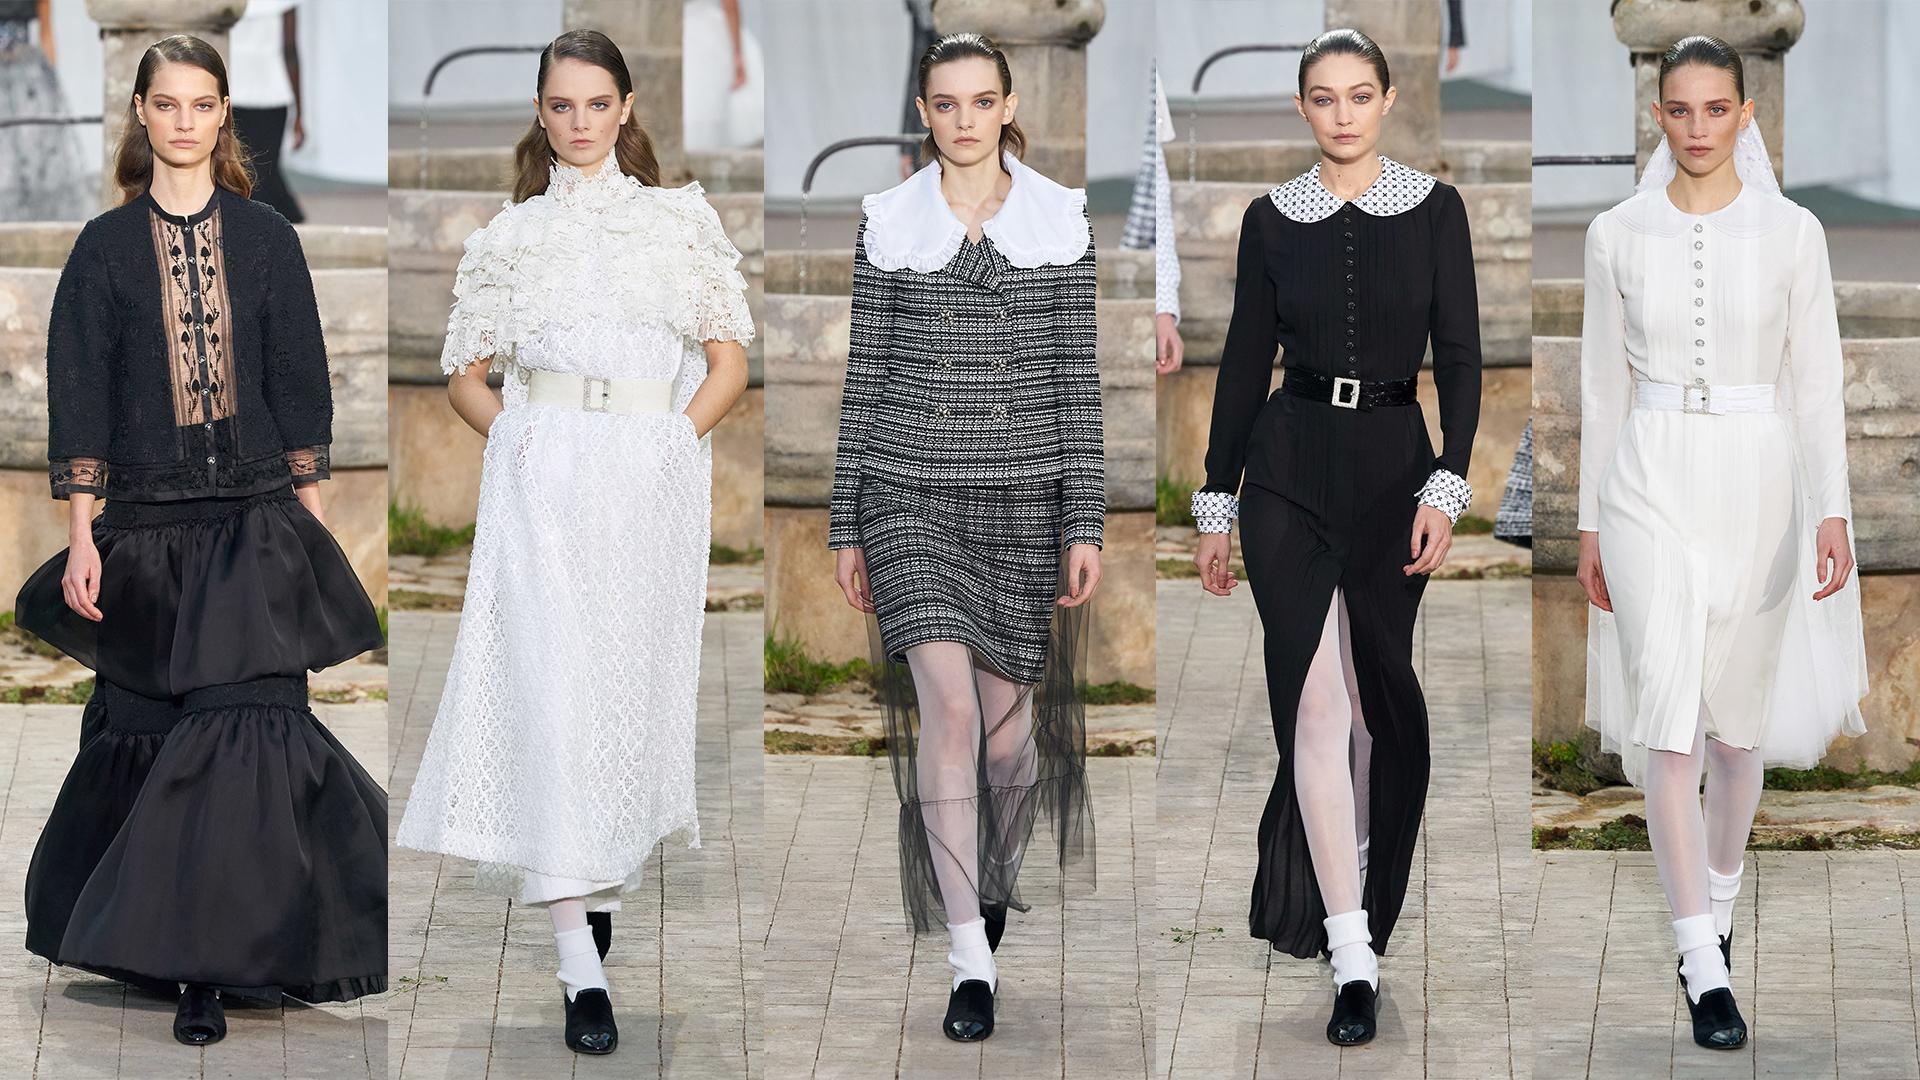 Desfile de Alta-Costura da Chanel: a história por trás do preto e branco -  Z Magazine